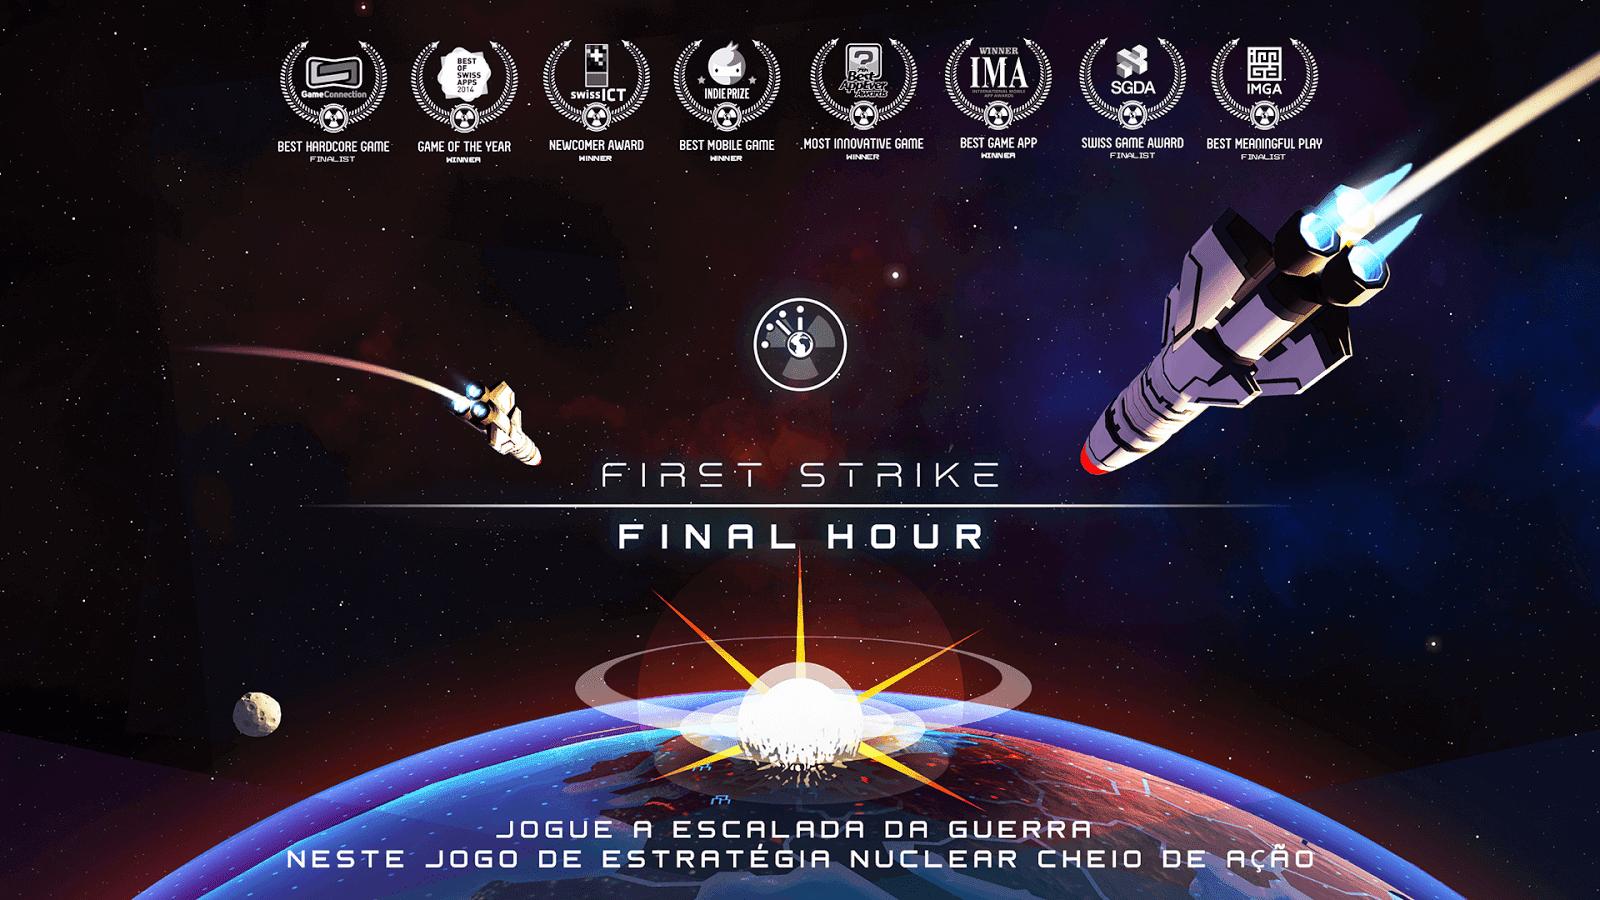 First Strike: Final Hour v 2.0.6 apk mod DESBLOQUEADO